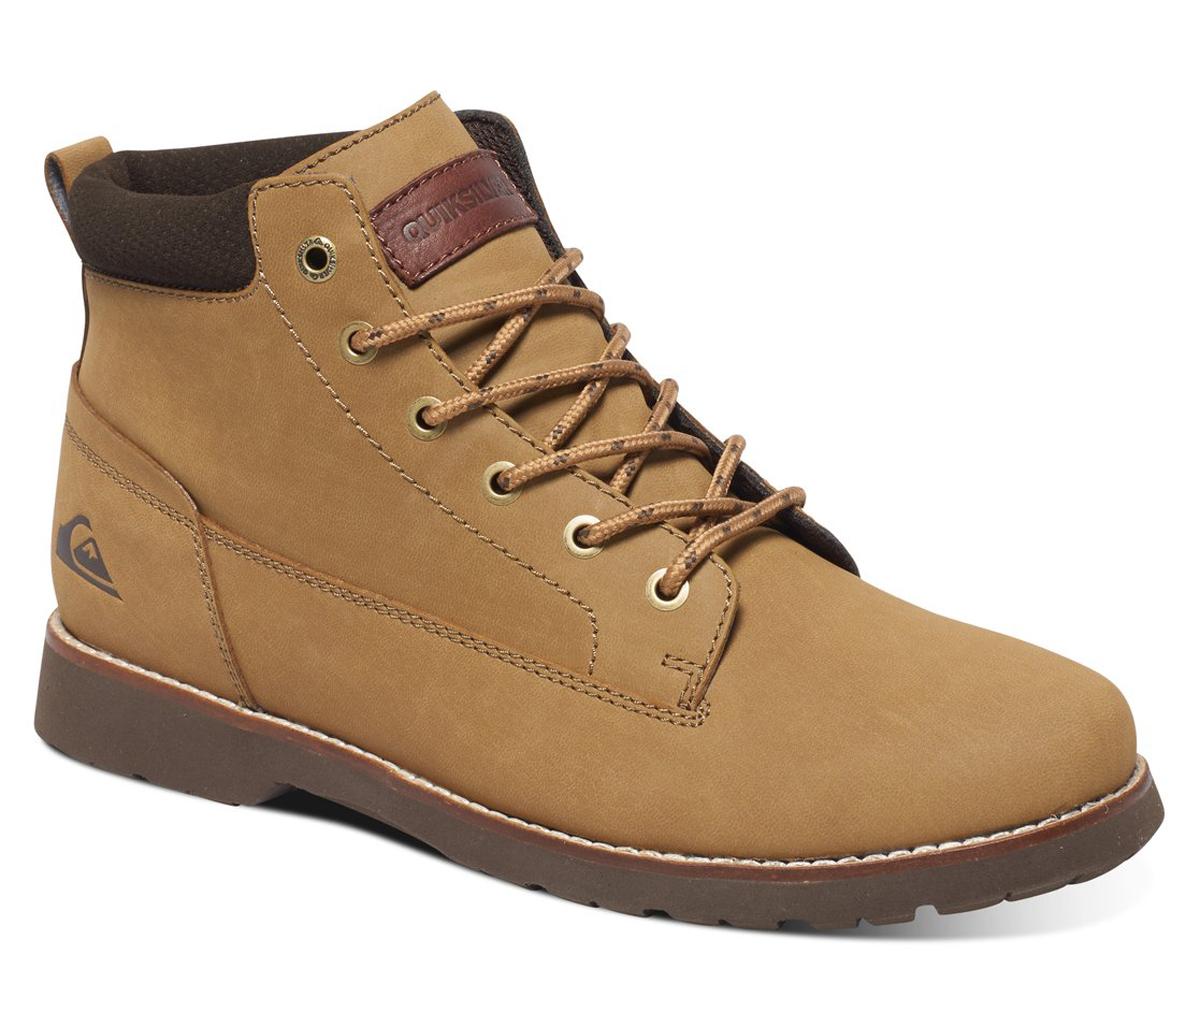 Купить Ботинки мужские Quiksilver Mission II, цвет: светло-коричневый. AQYB700022-TKD0. Размер 6 (39)